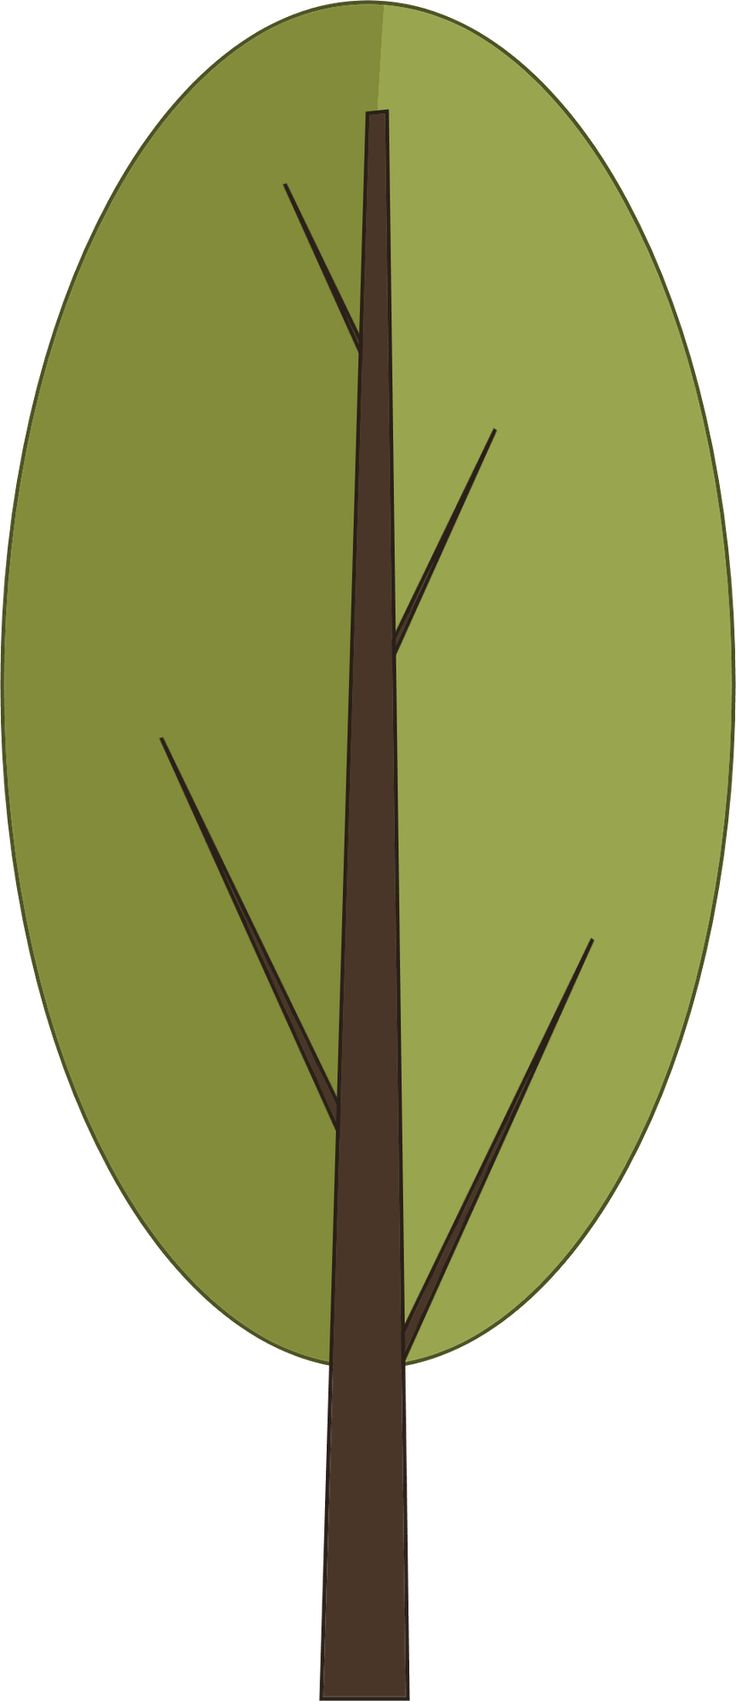 trees  u203f  u2040 u00b0 u2022 u2022 clipart trees and leaves pinterest tree clip art free images tree clip art black and white